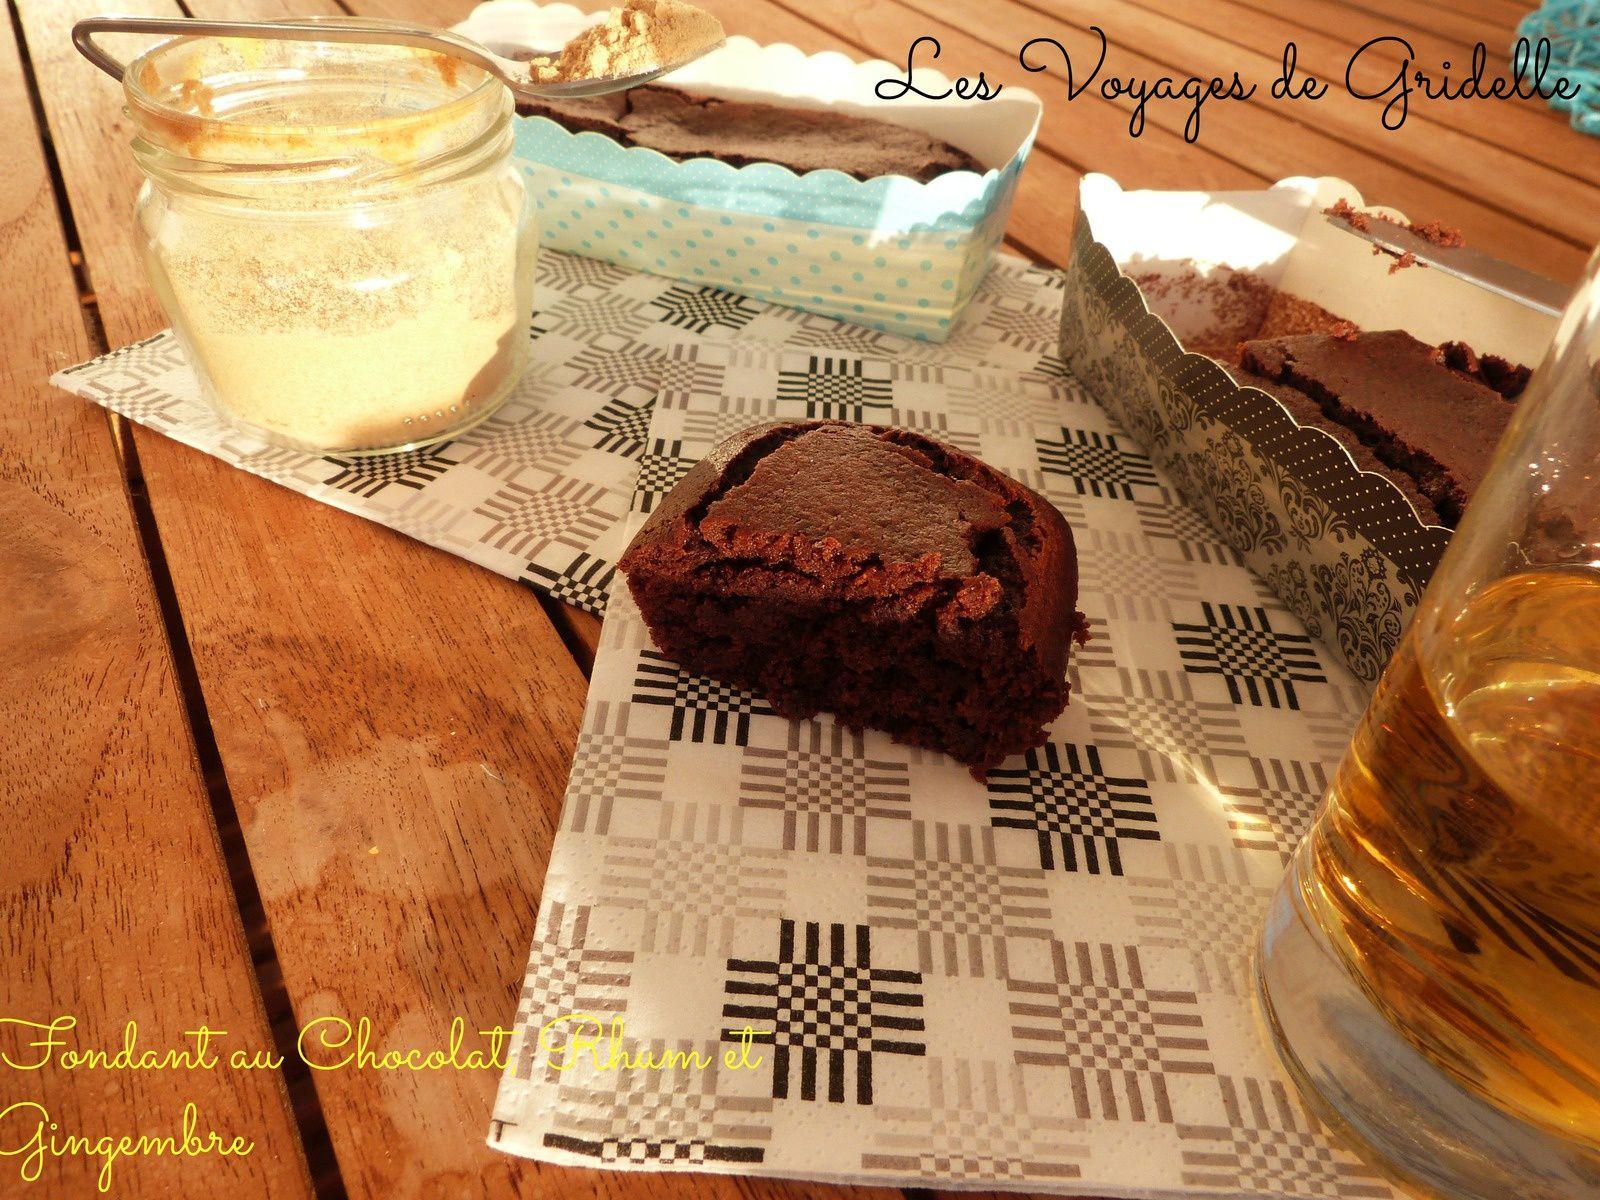 Fondant au Chocolat Rhum et Gingembre - Les Voyages de Gridelle